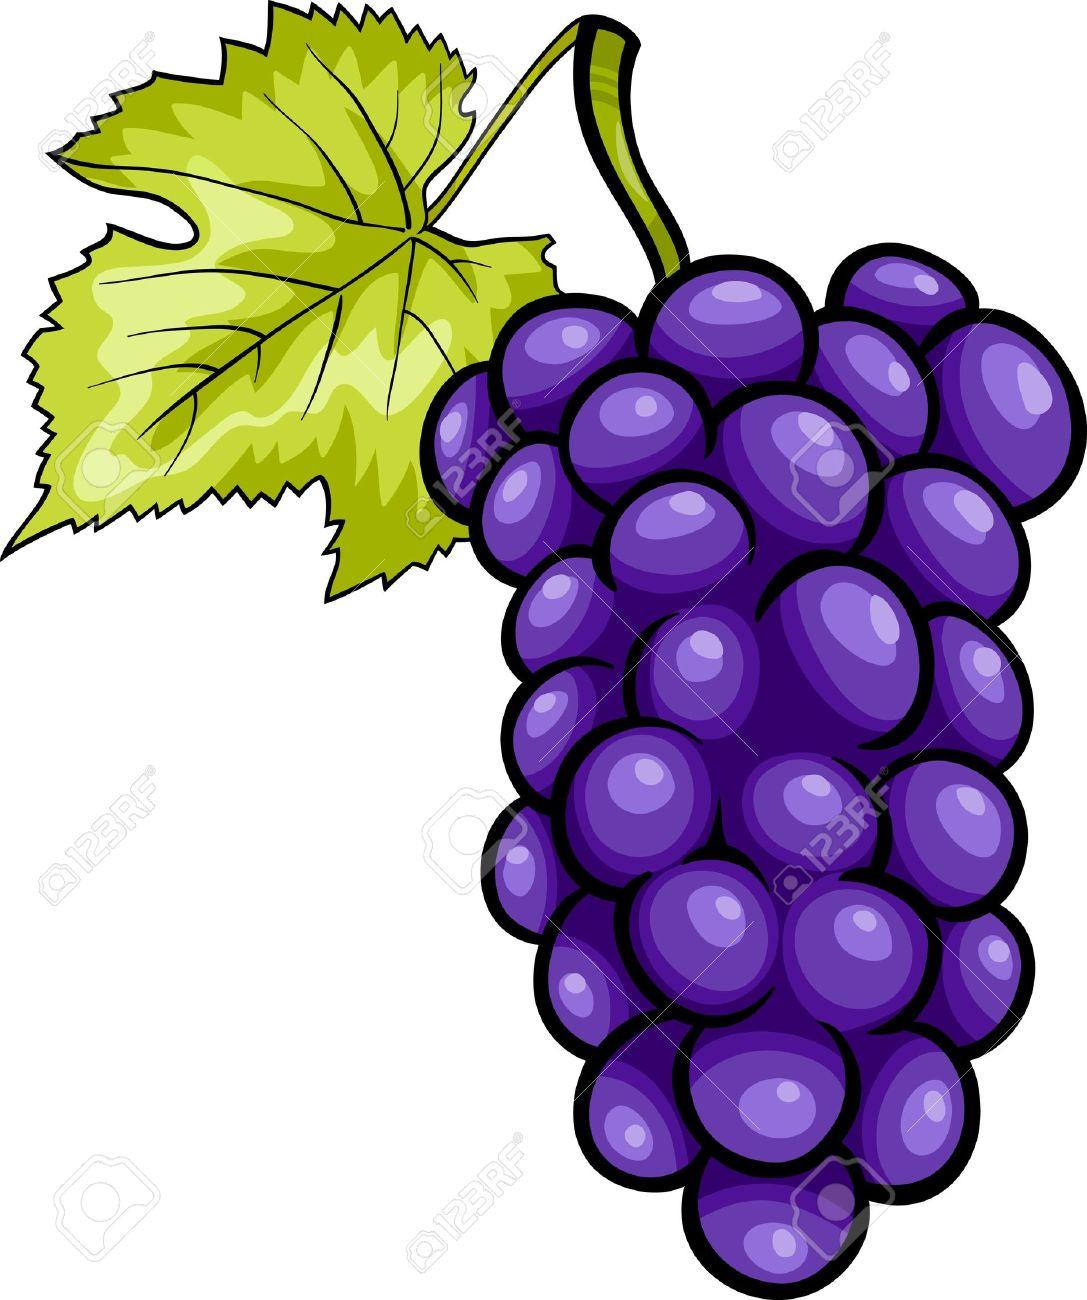 Grape clipart purple colour. Grapes free download best